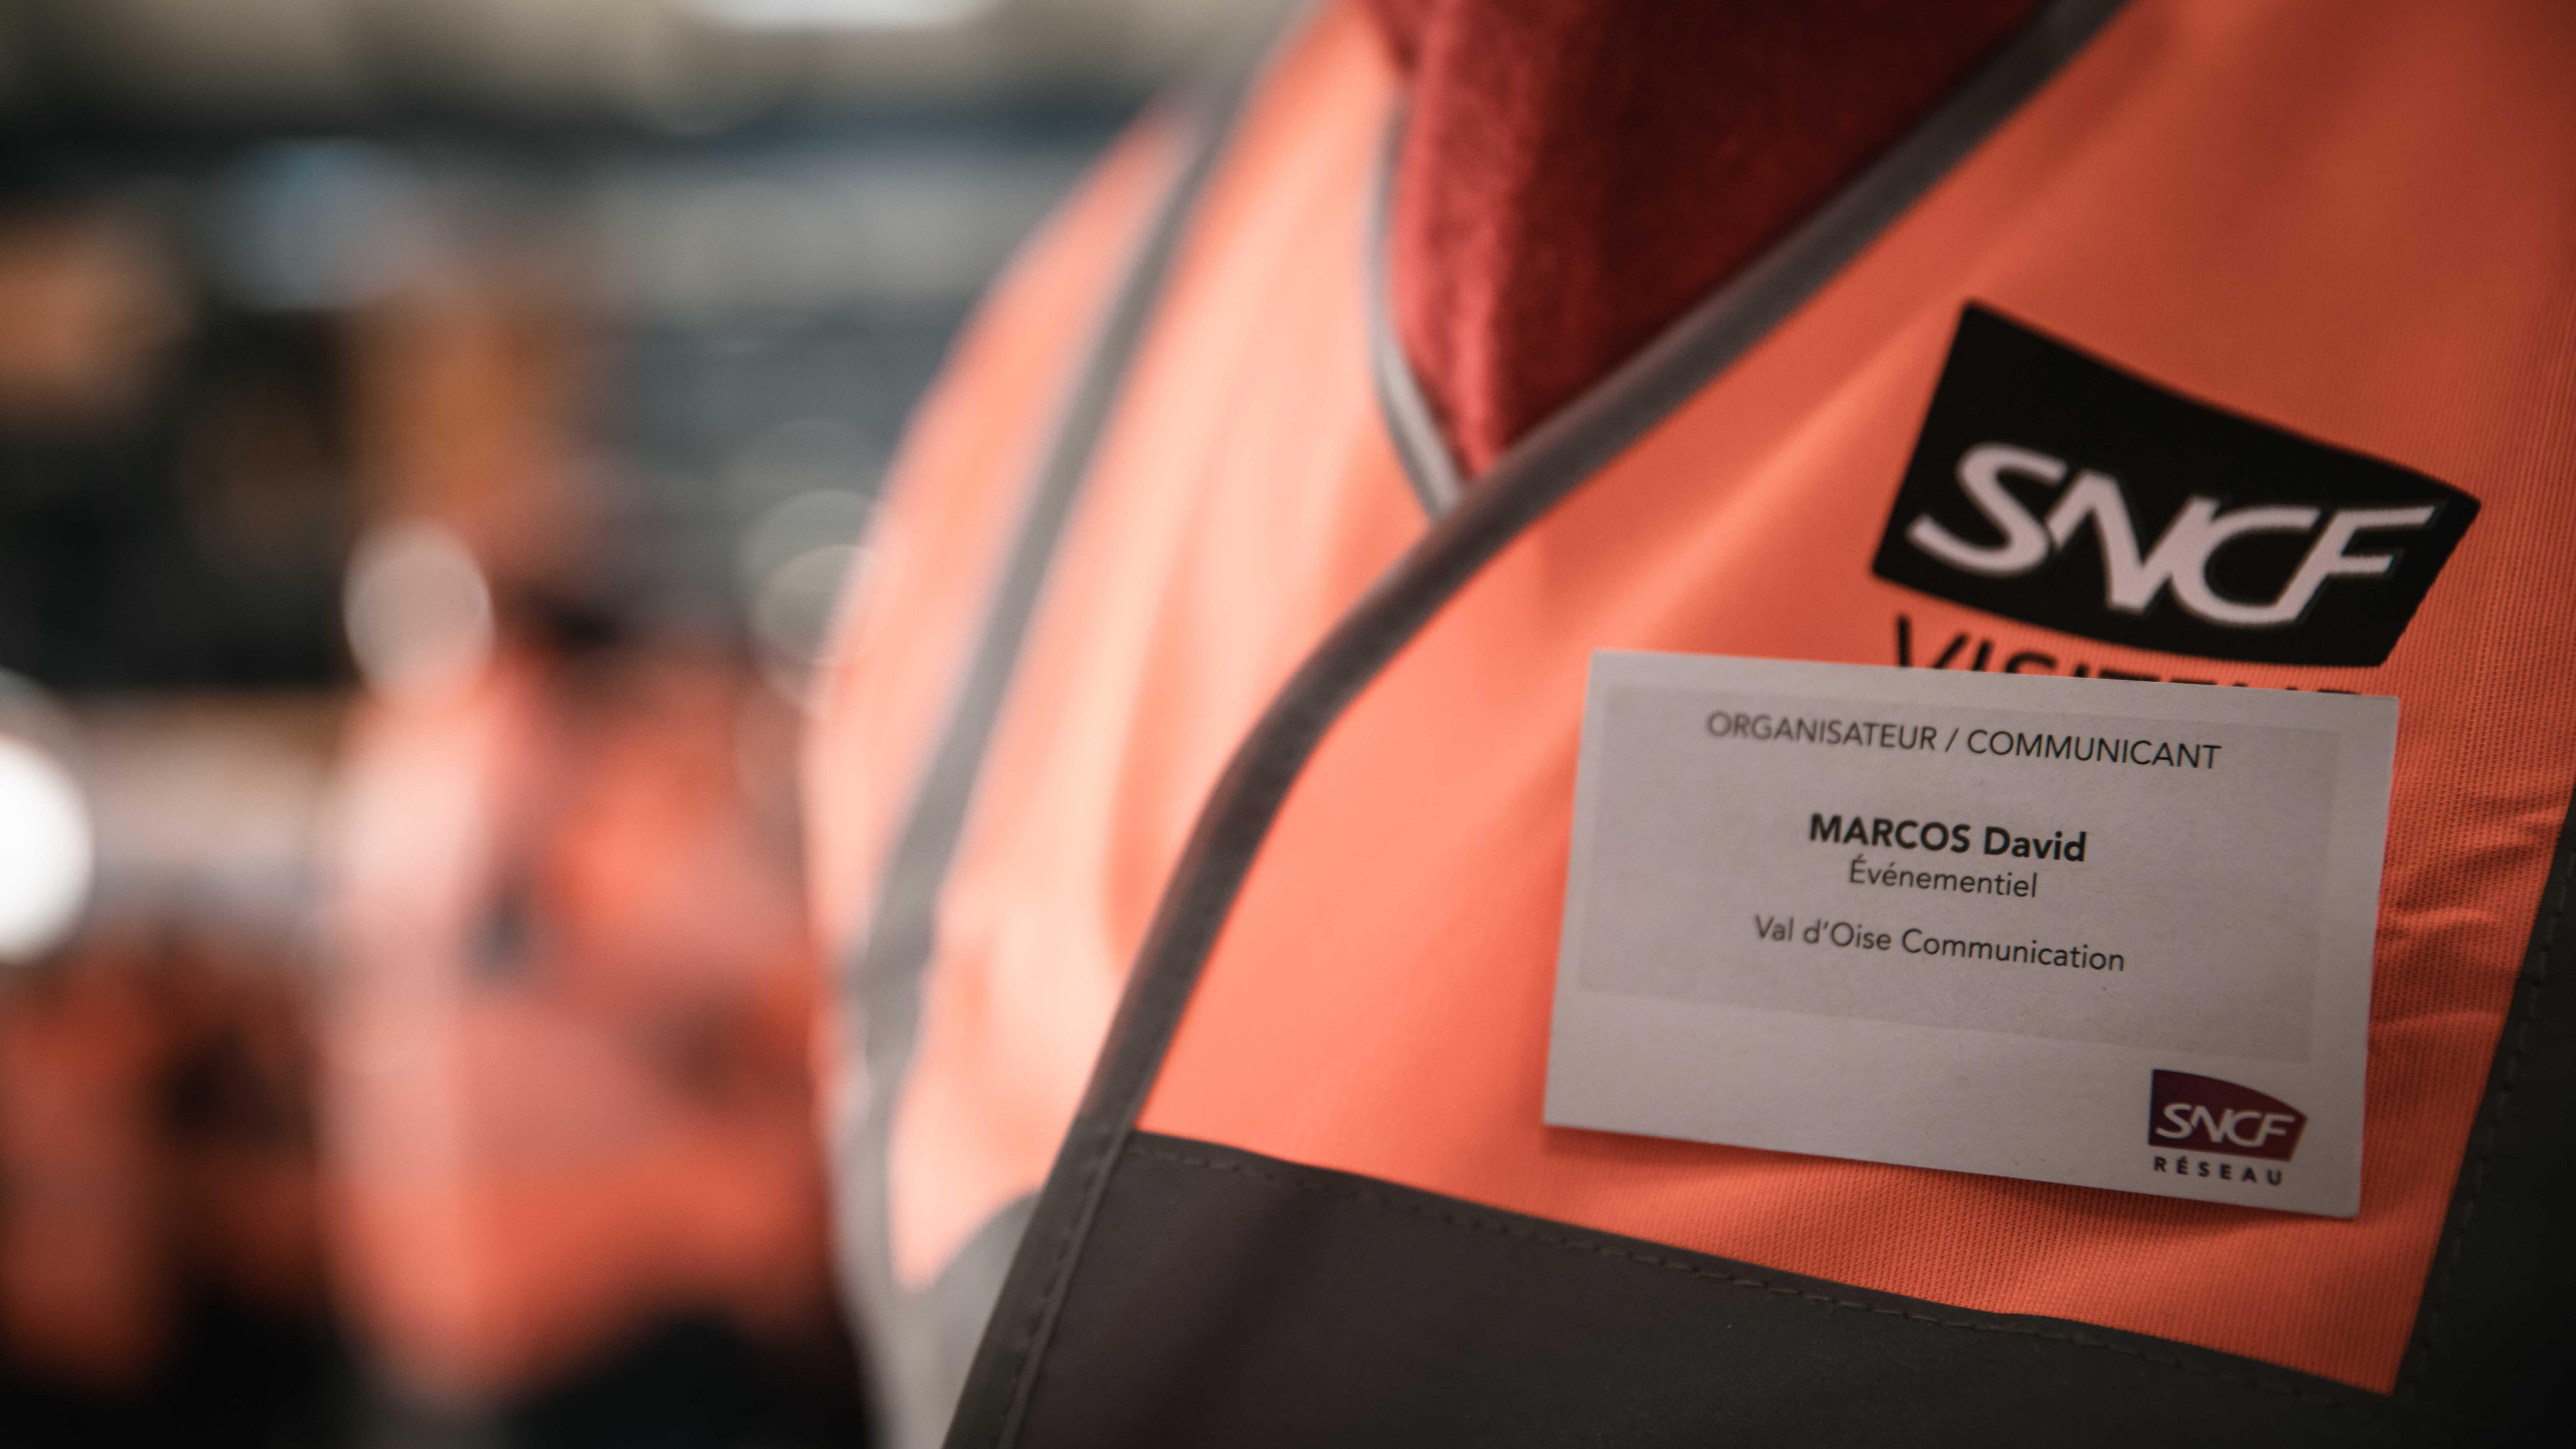 Création de badges individuels pour l'événement de la SNCF Réseau